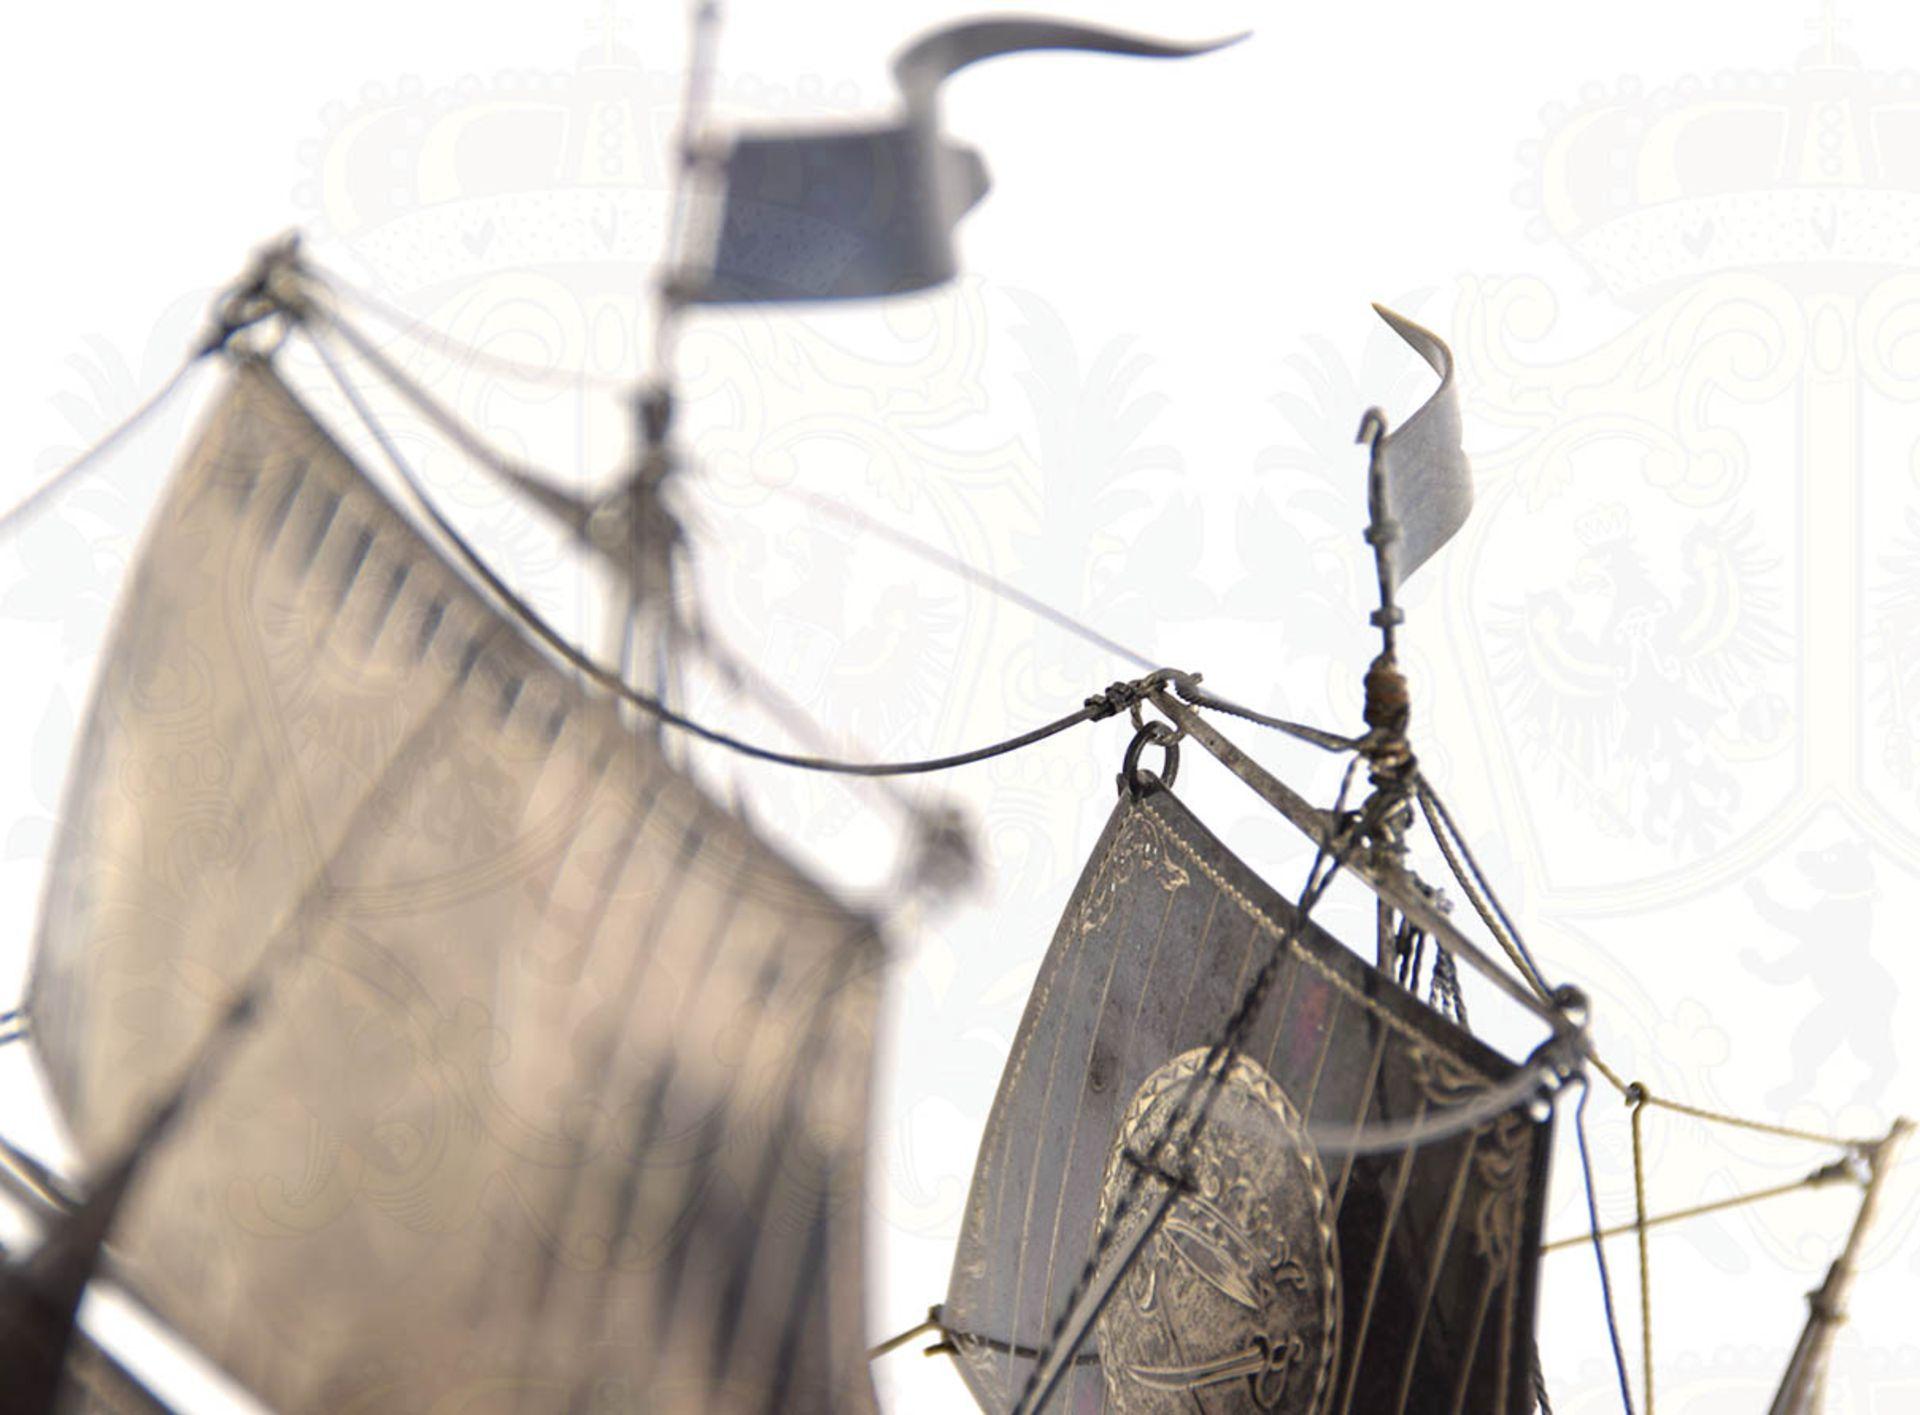 MODELL-LINIENSCHIFF, Dreidecker-Segellinienschiff der 2. Hälfte des 18. Jhd. mit 100 Kanonen, - Bild 4 aus 15